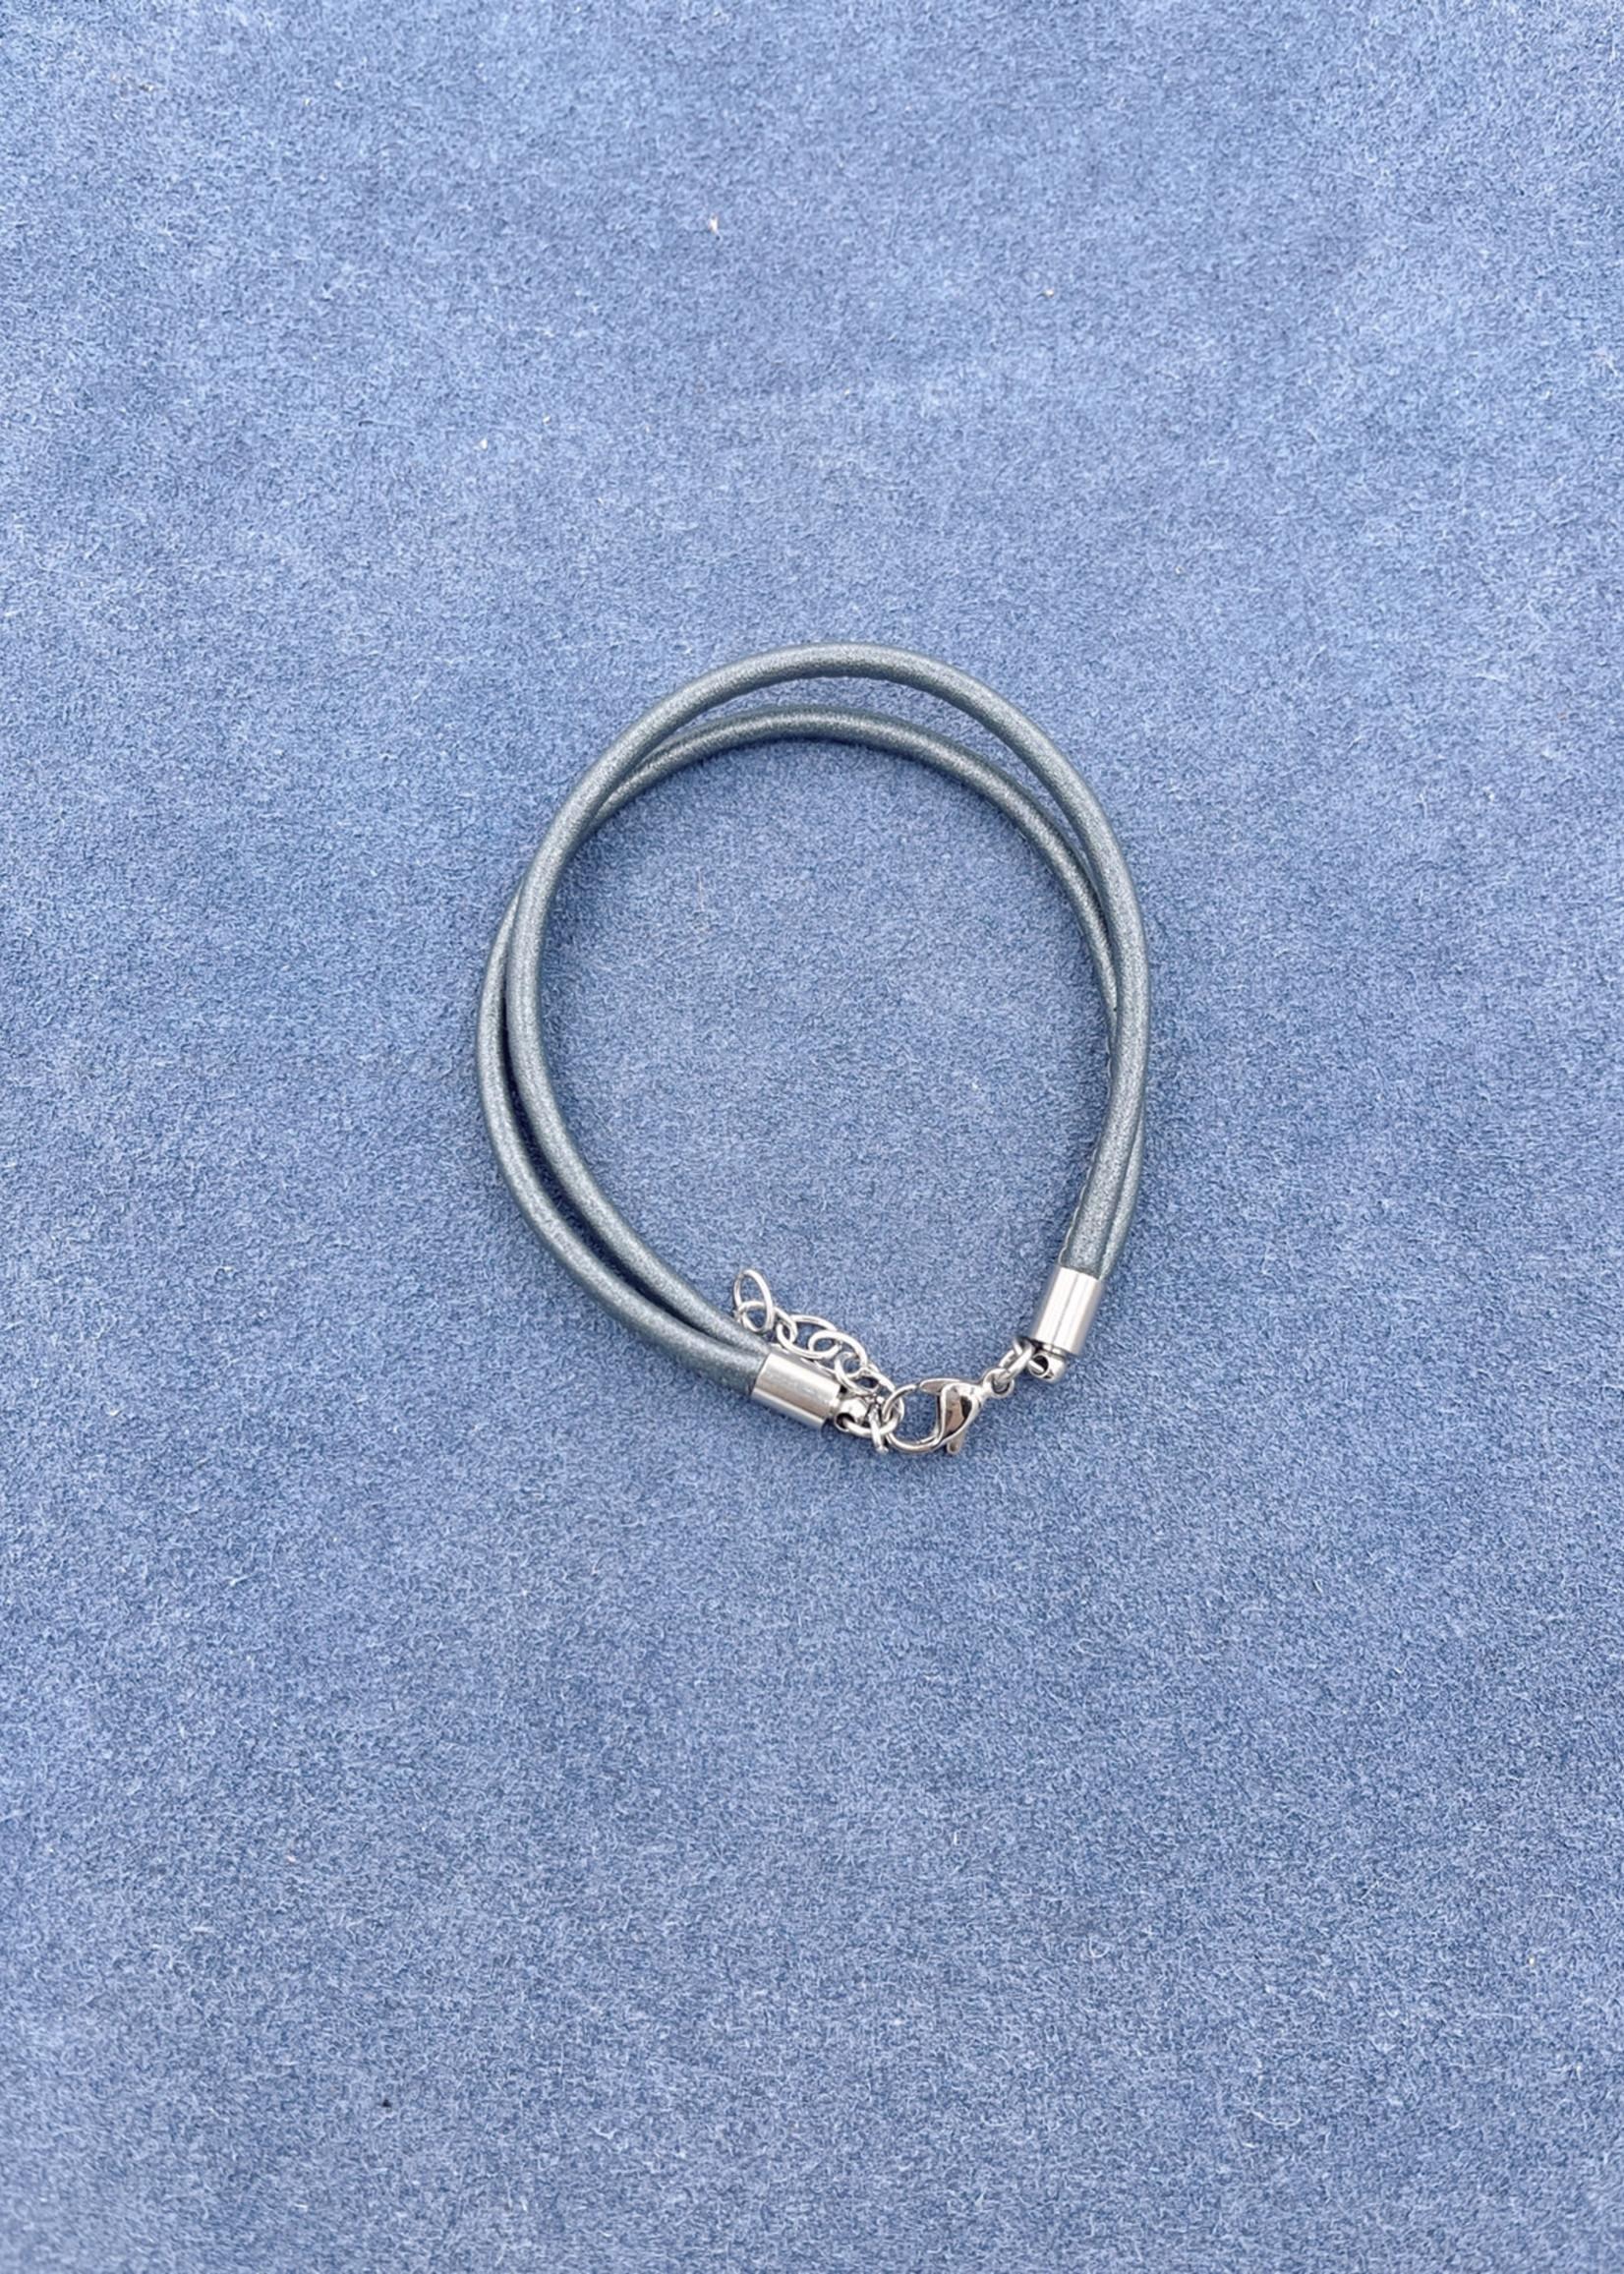 Stardom Grey Double Strand Leather Charm Bracelet